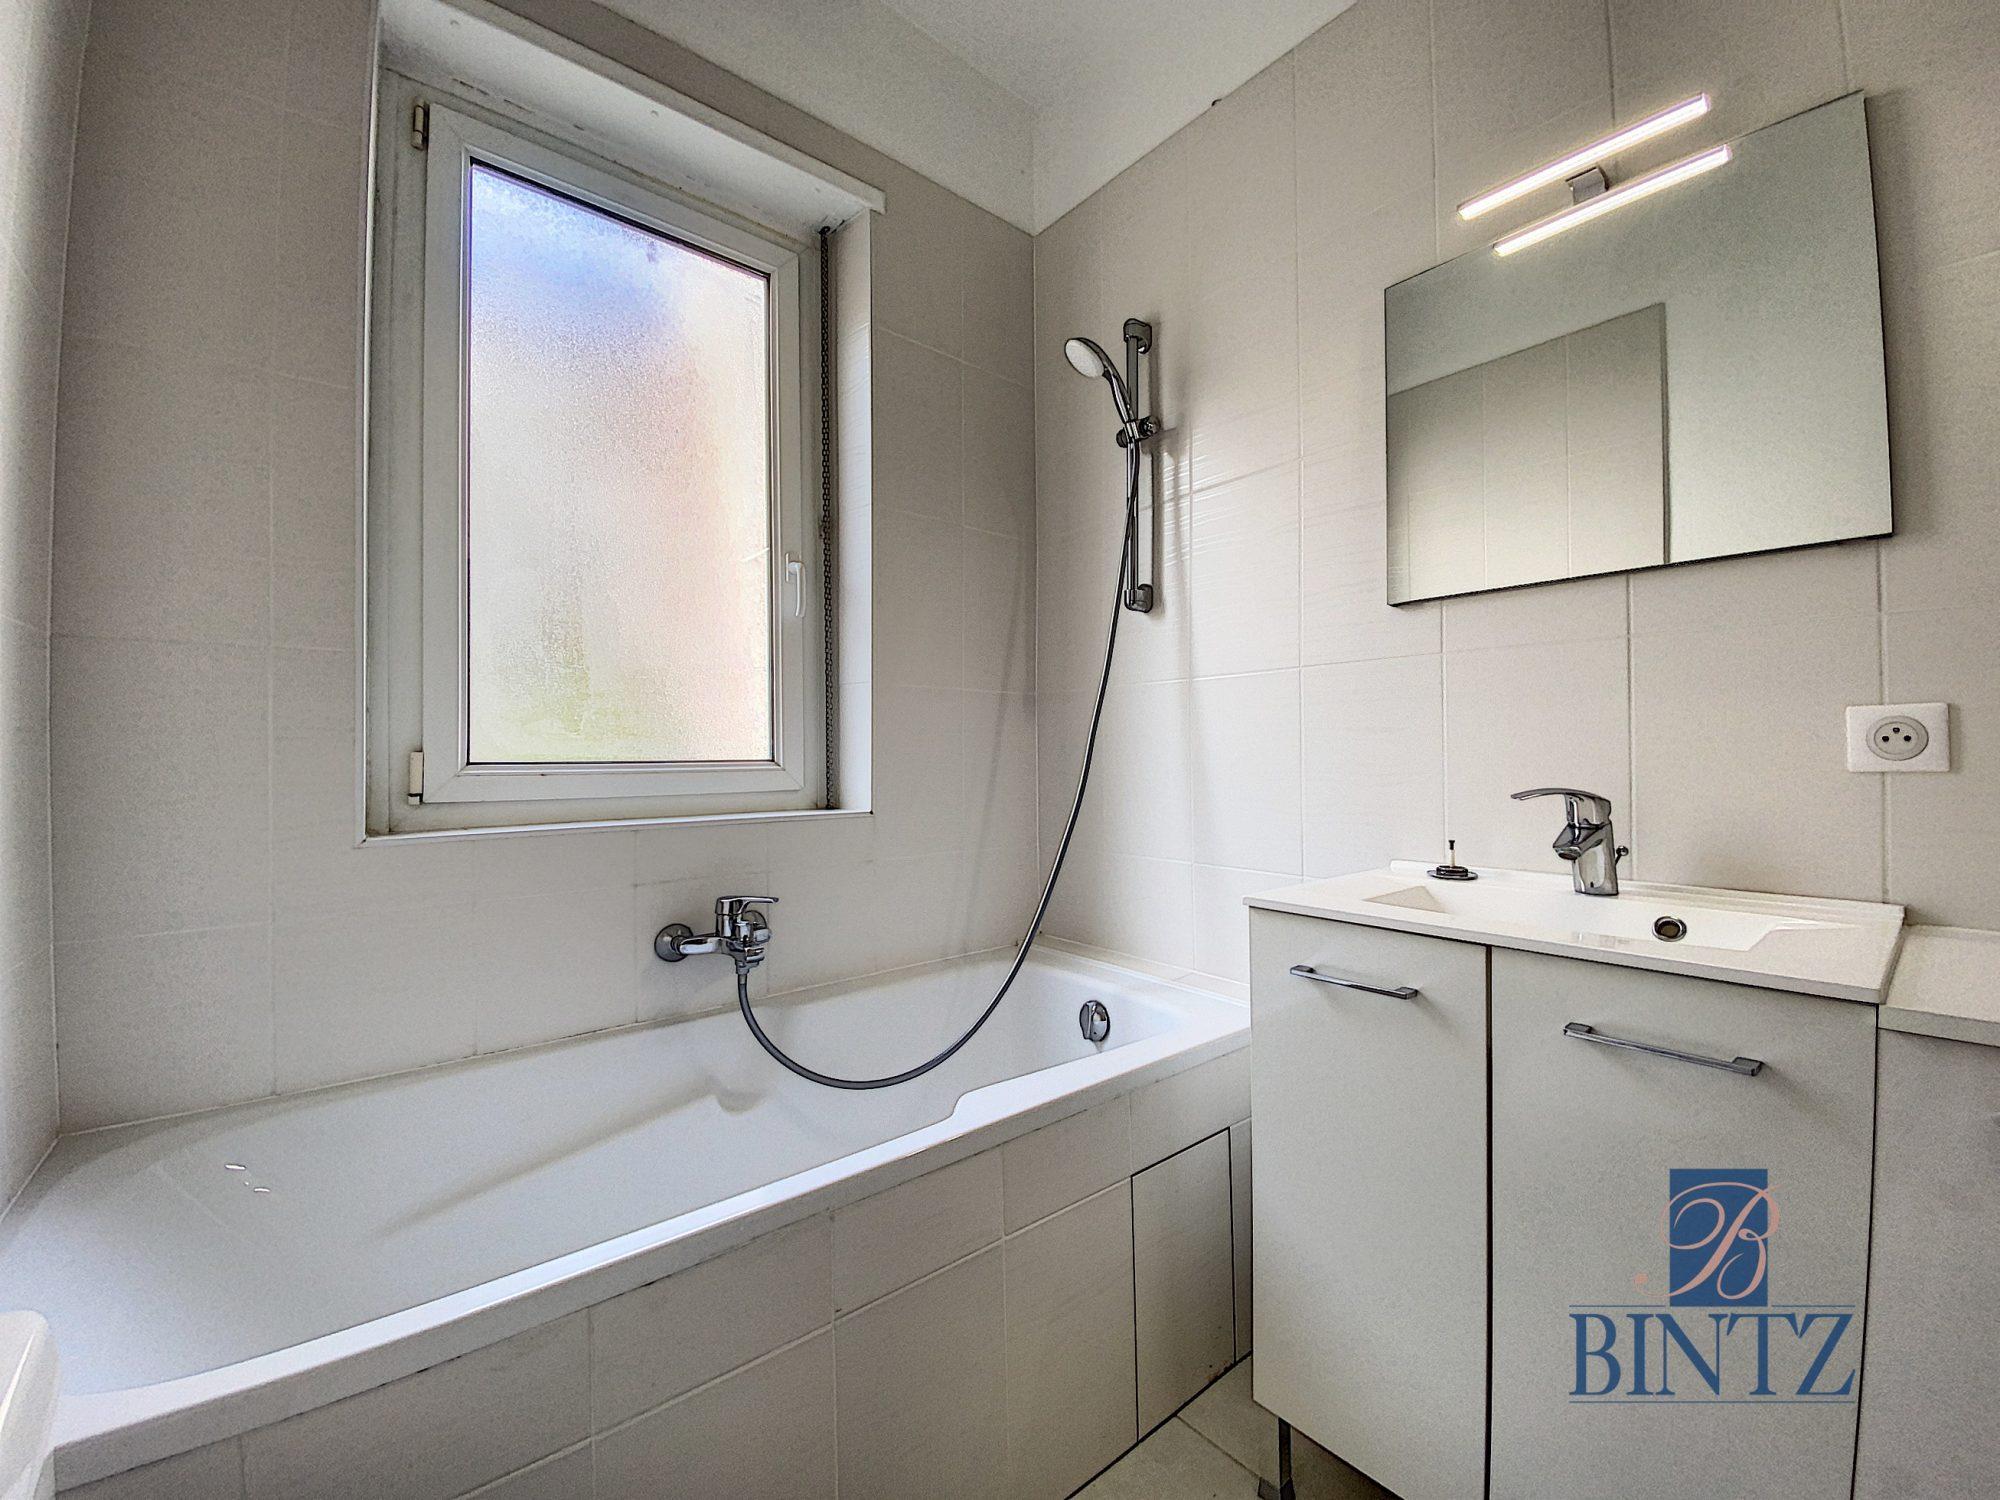 2 pièces orangerie avec balcon - Devenez locataire en toute sérénité - Bintz Immobilier - 4